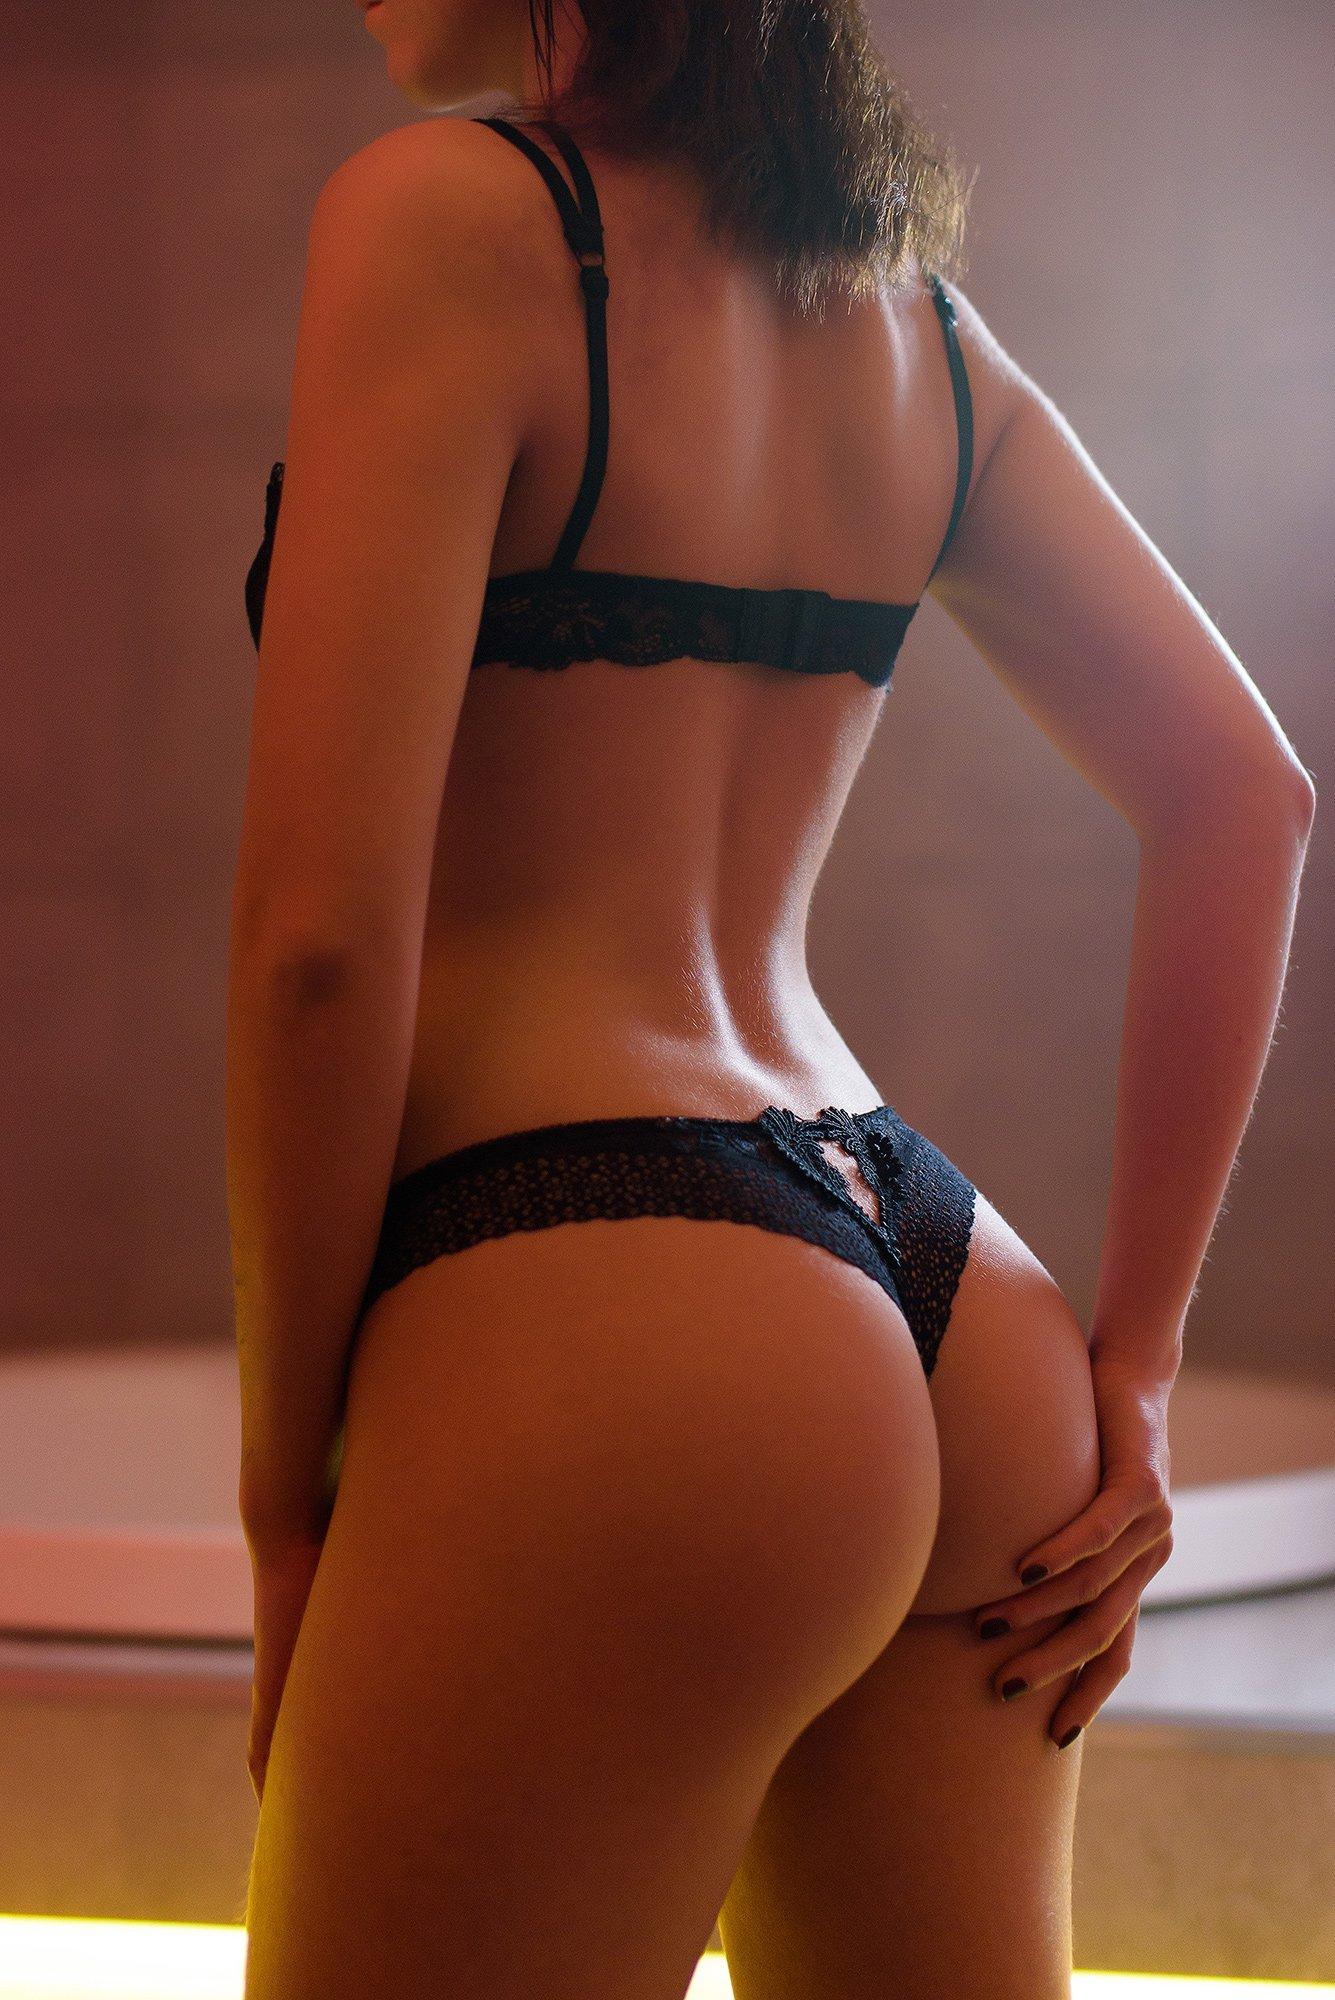 Индивидуалки проверенные тюмень жизнь проституток в